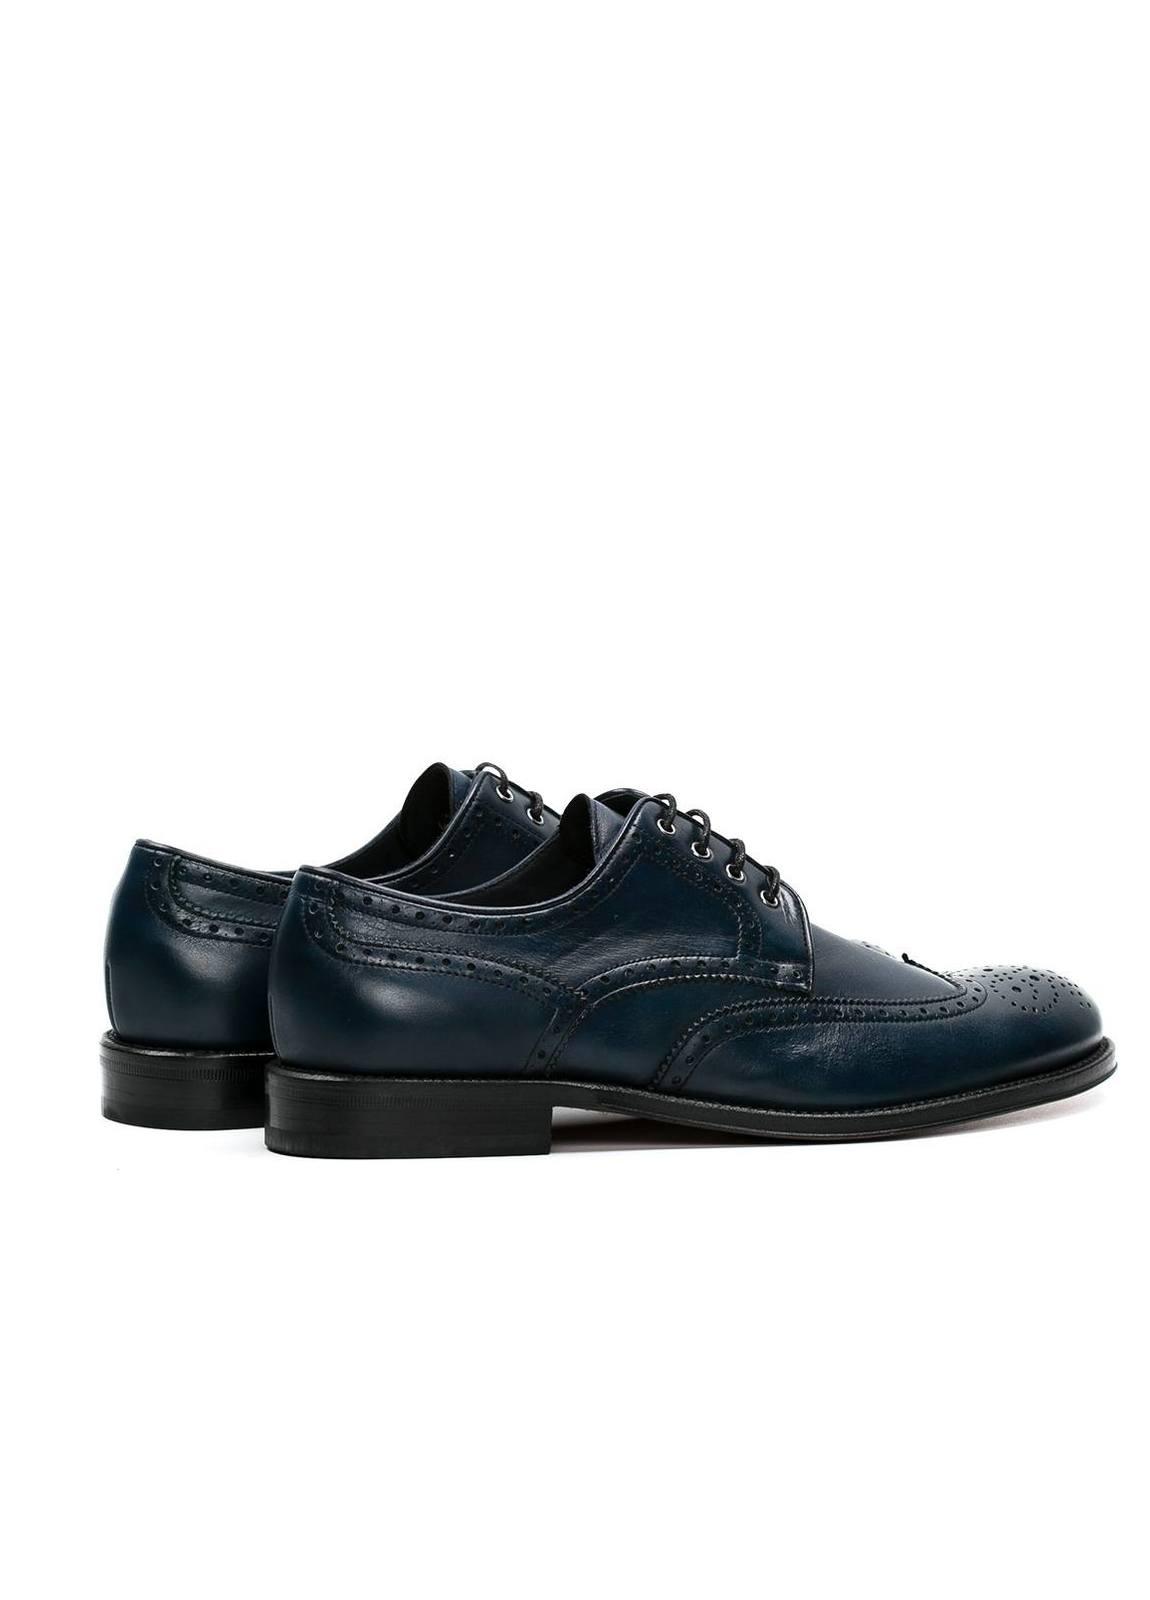 Zapato Formal Wear color azul marino con detalles troquelados, 100% Piel. - Ítem3